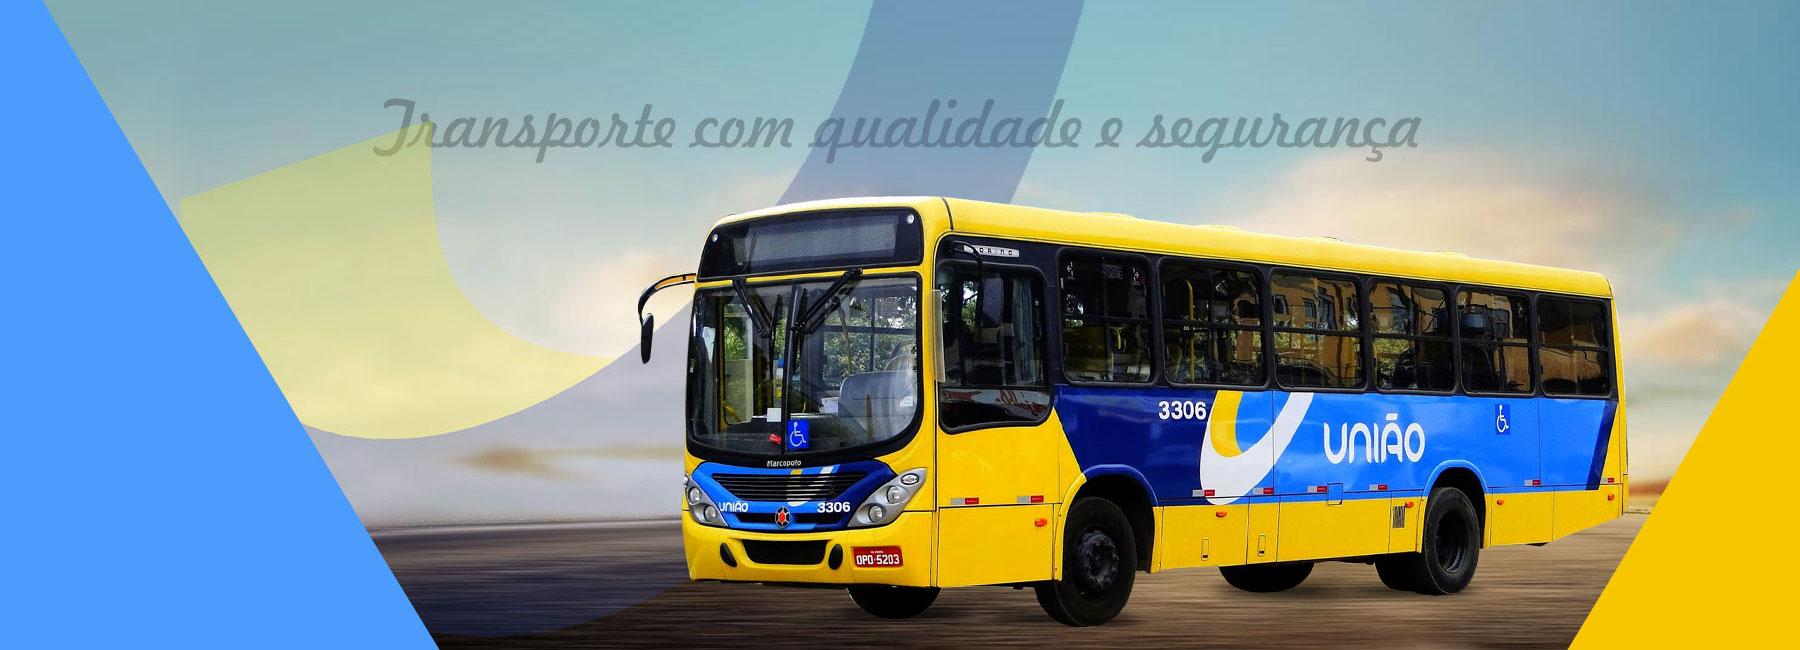 19abdea32a3527be6388c5278826d191.jpg